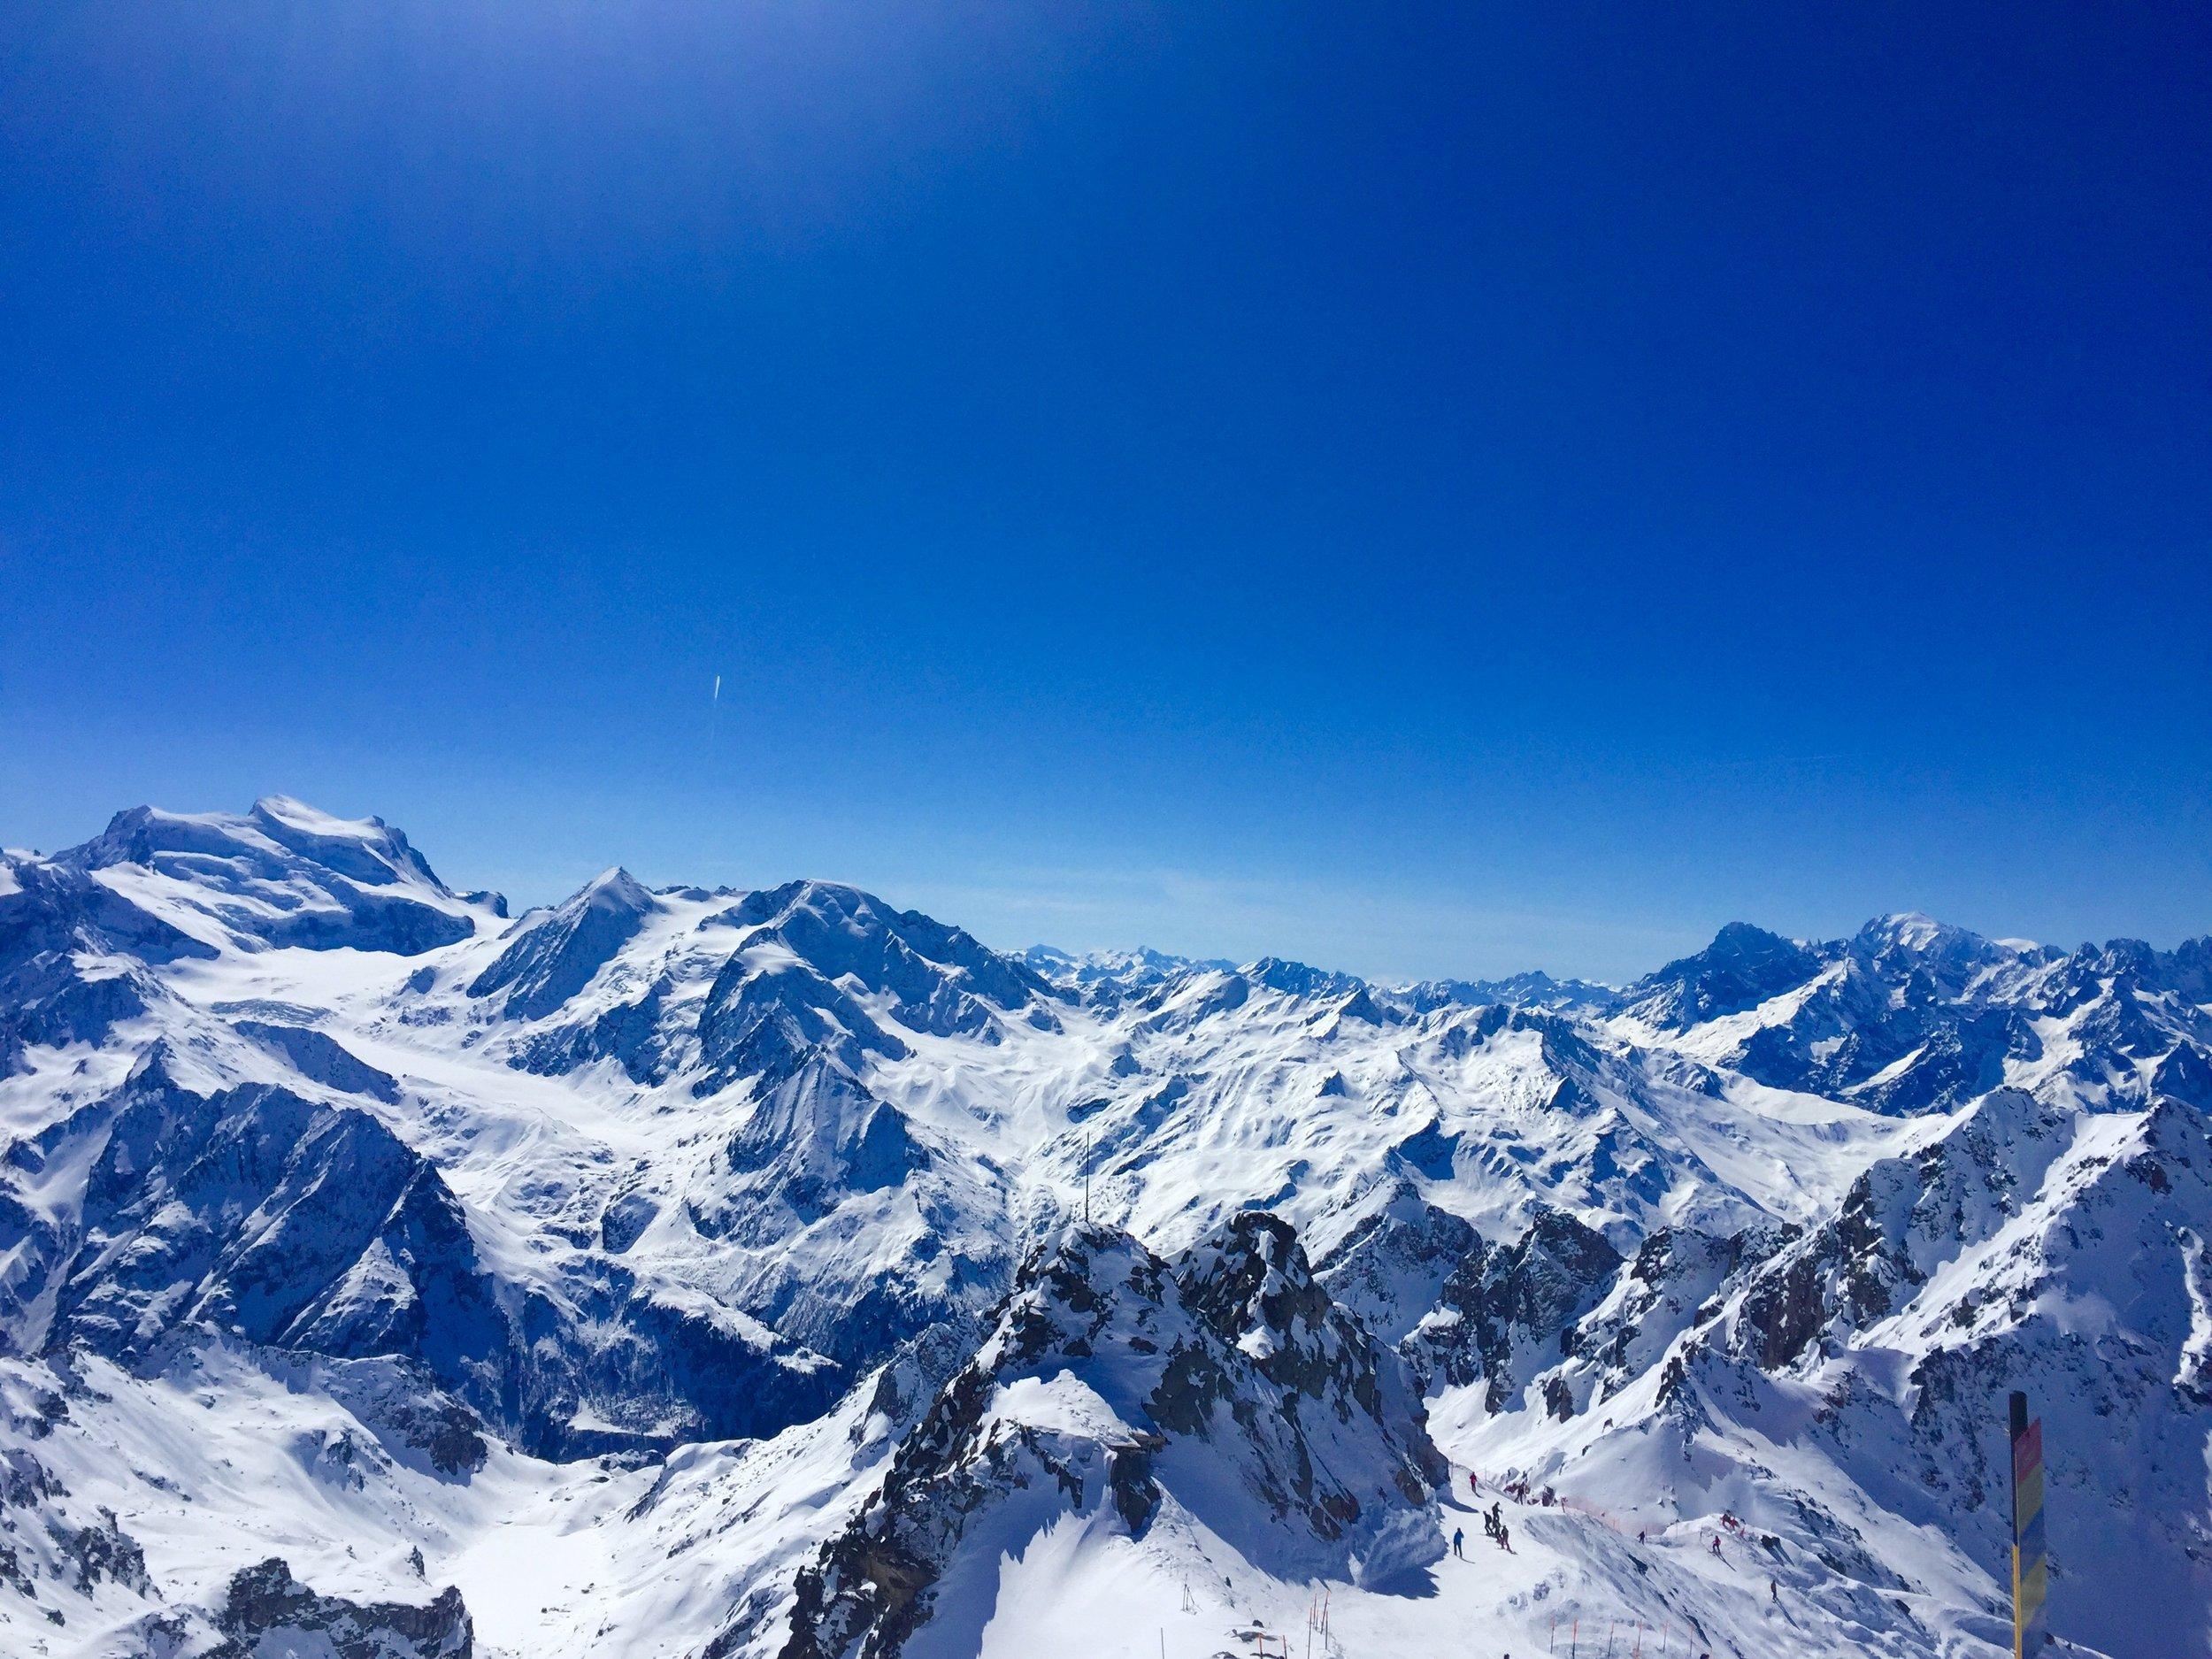 Verbier Kayak Merkezi - Isvicre'de en tepeden manzara / View from the top of Verbier Ski Resort - Switzerland